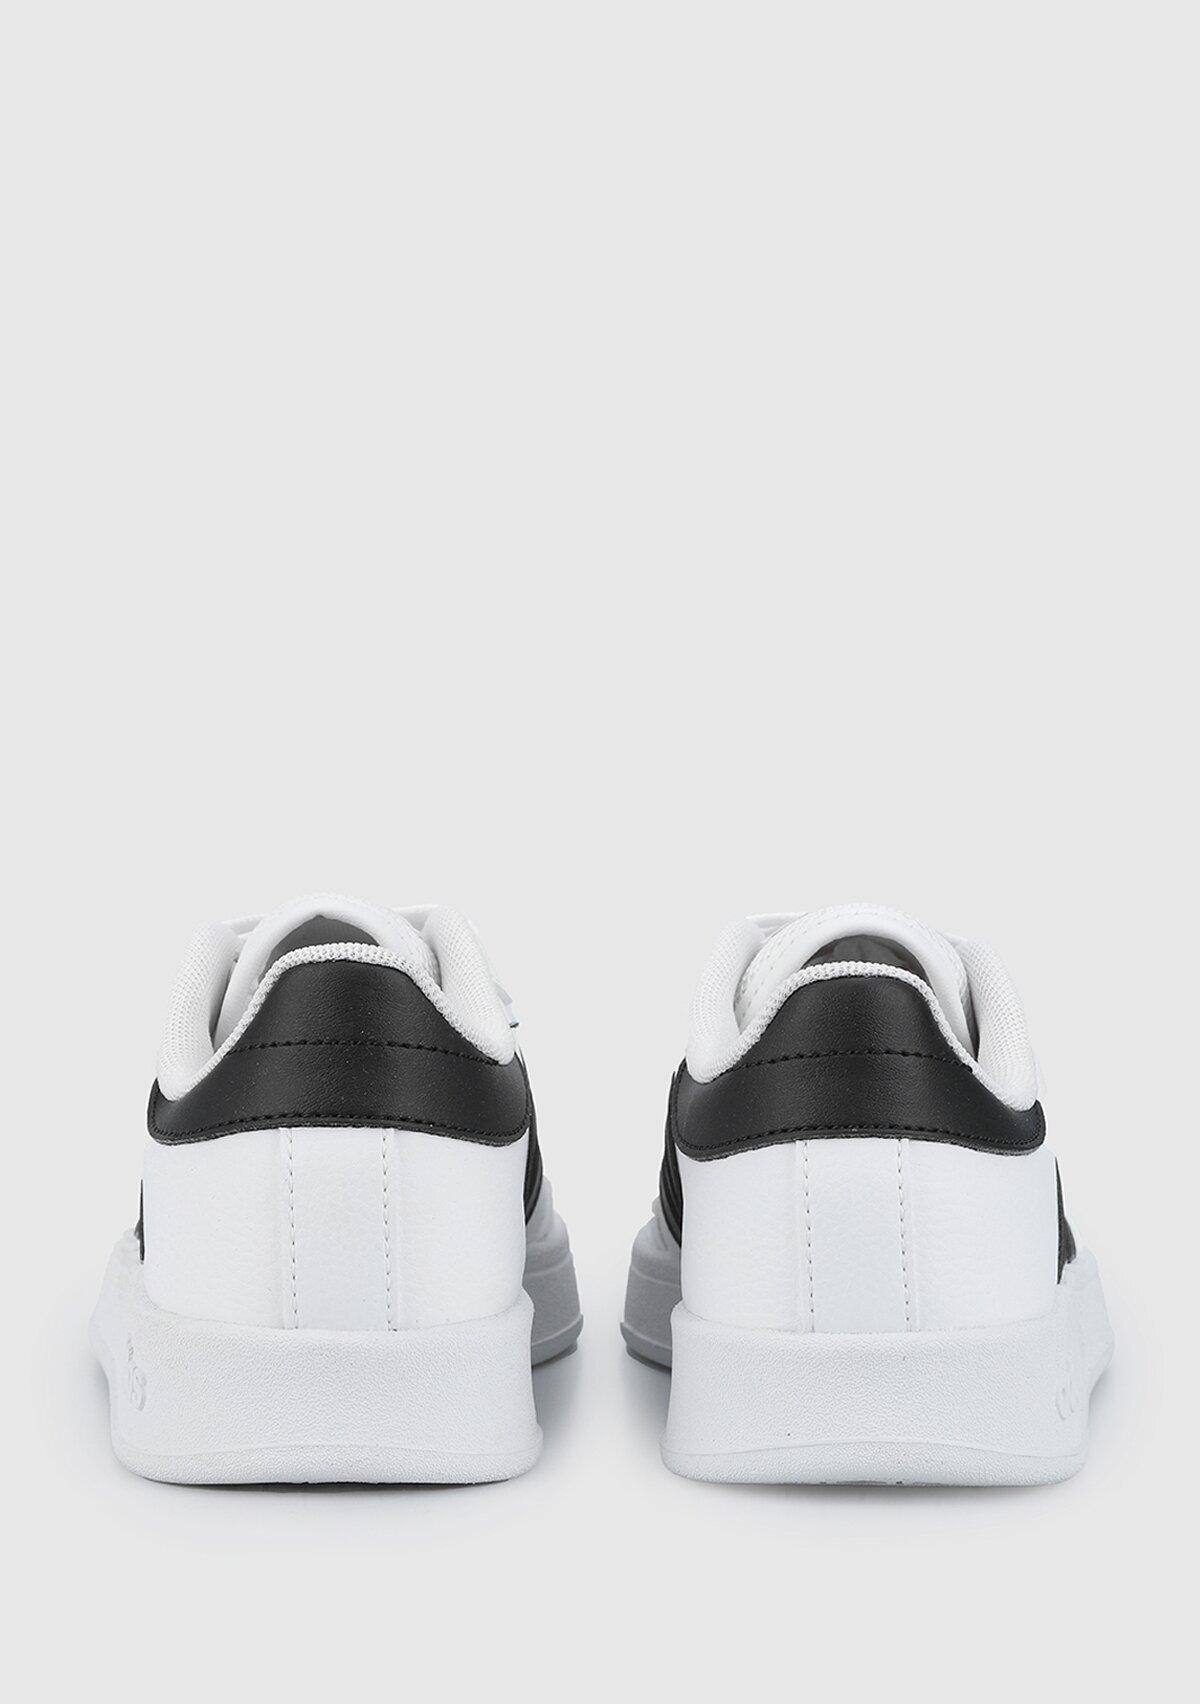 resm Breaknet Siyah Kadın Tenis Ayakkabısı FX8724